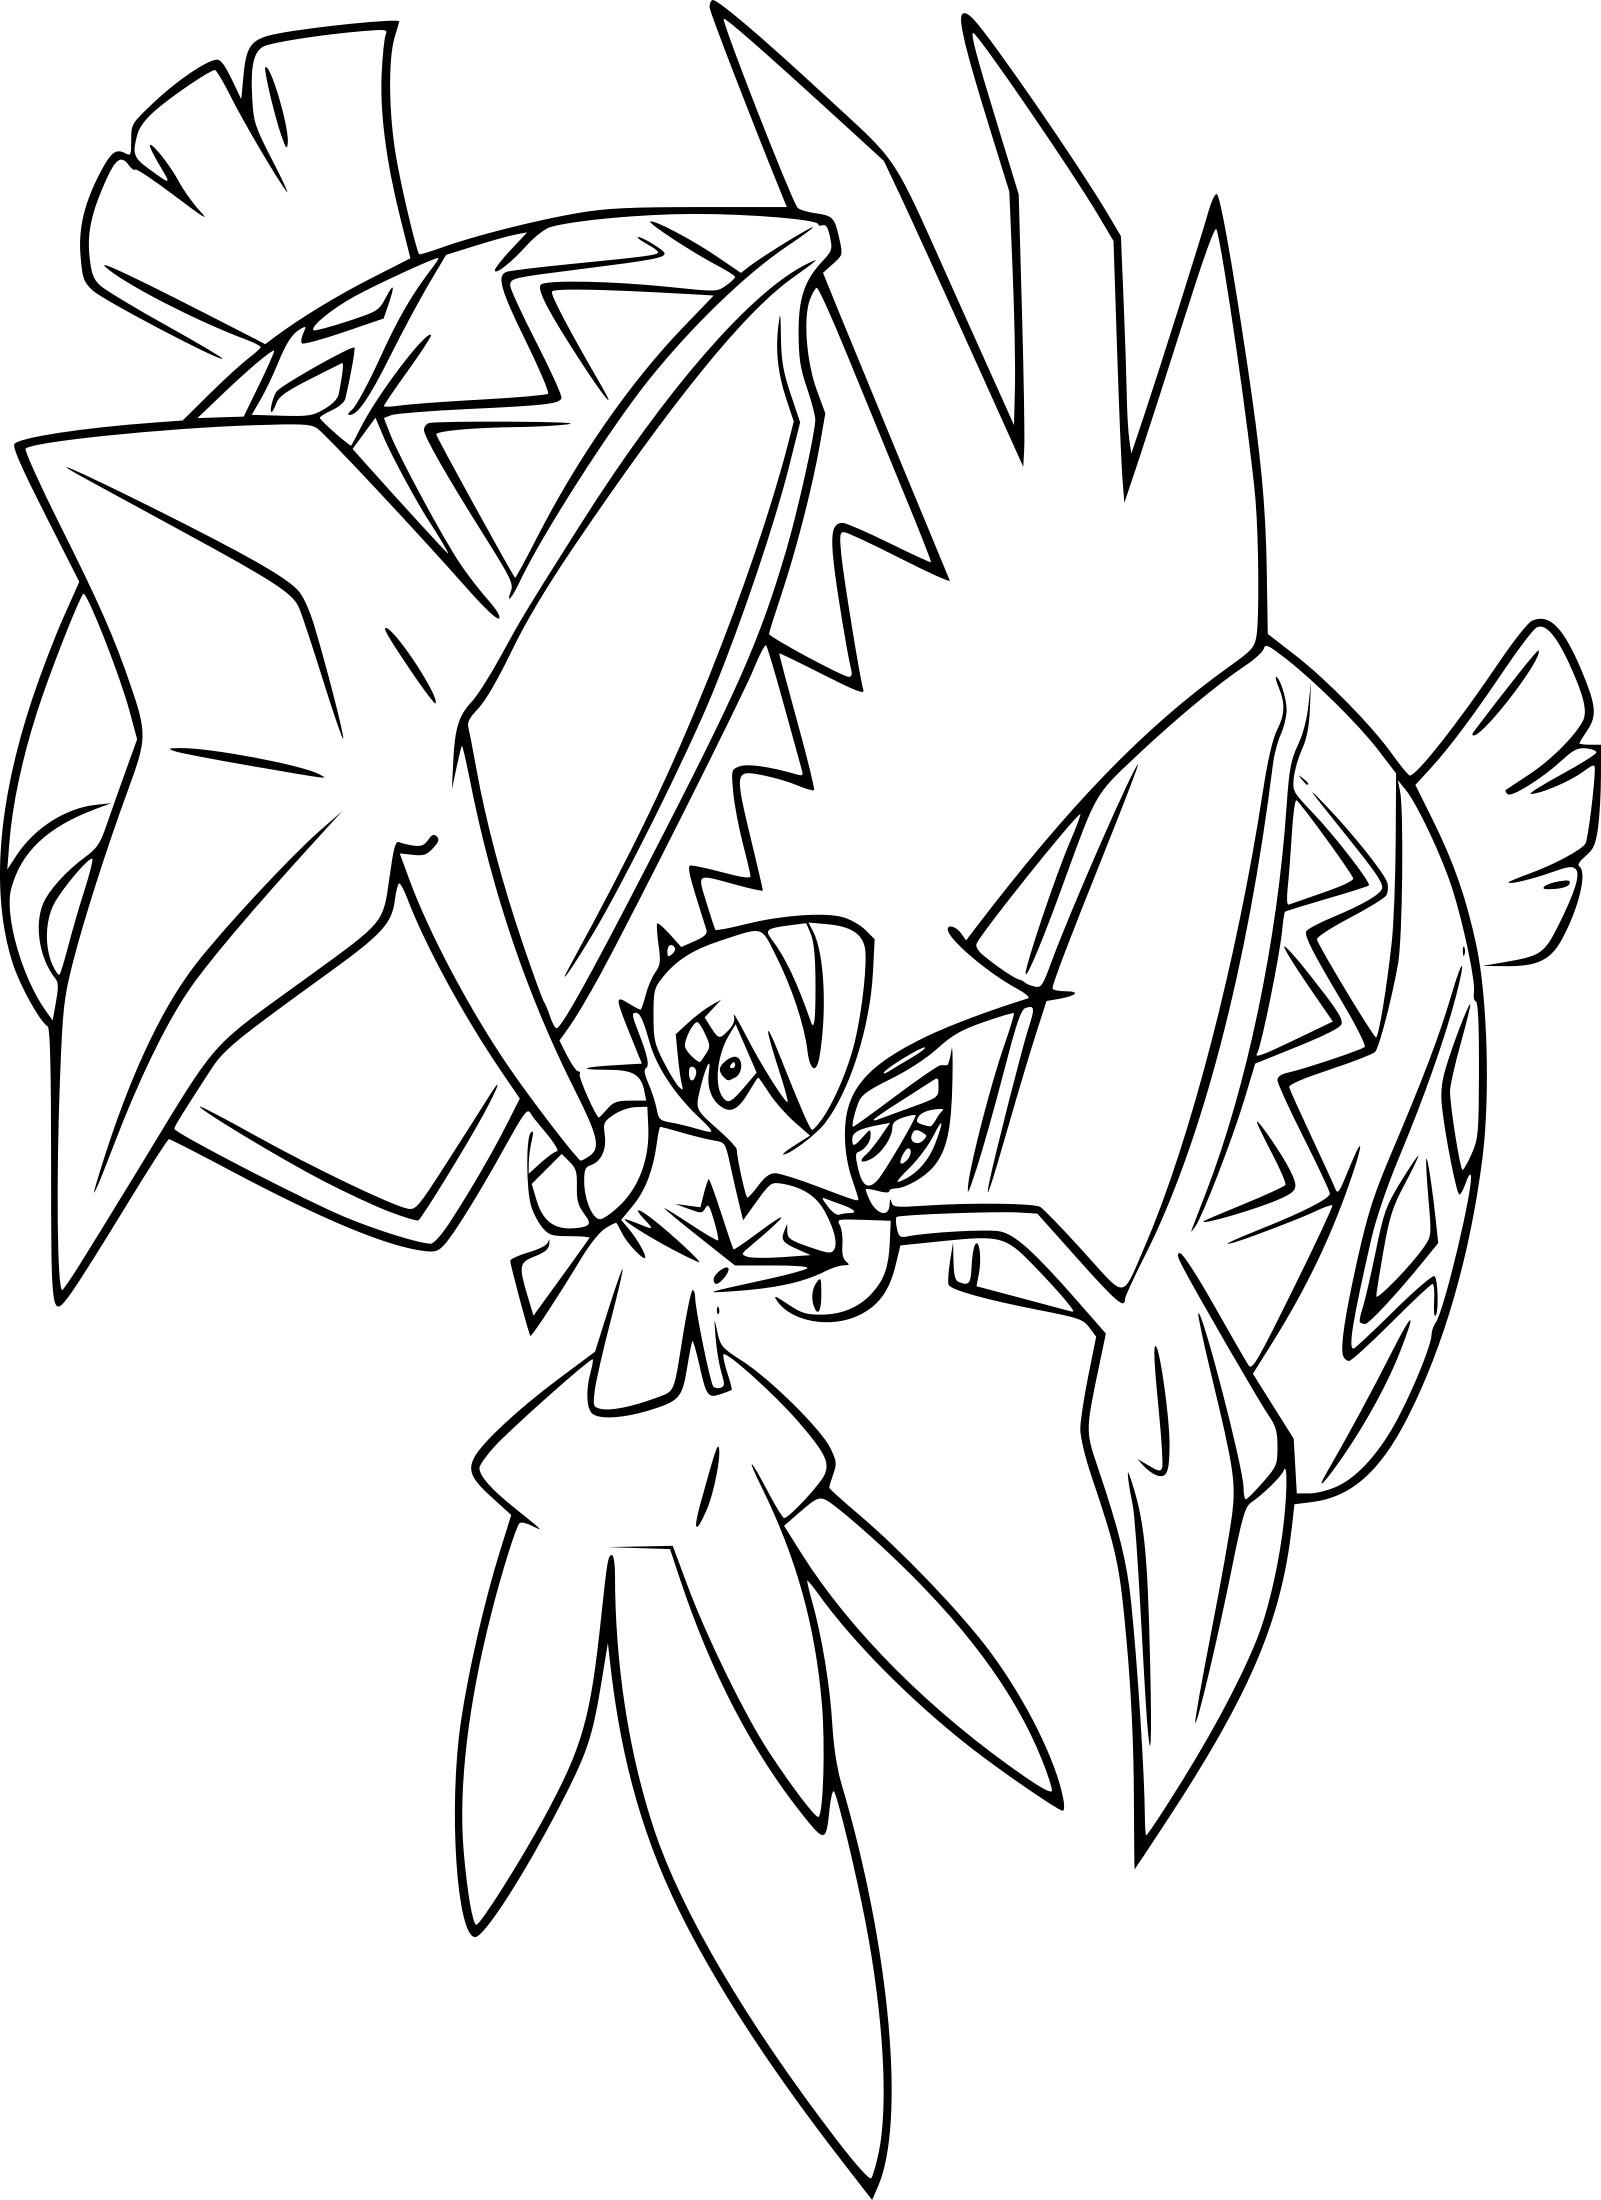 Nouveau Dessin De Pokemon soleil Et Lune A Imprimer